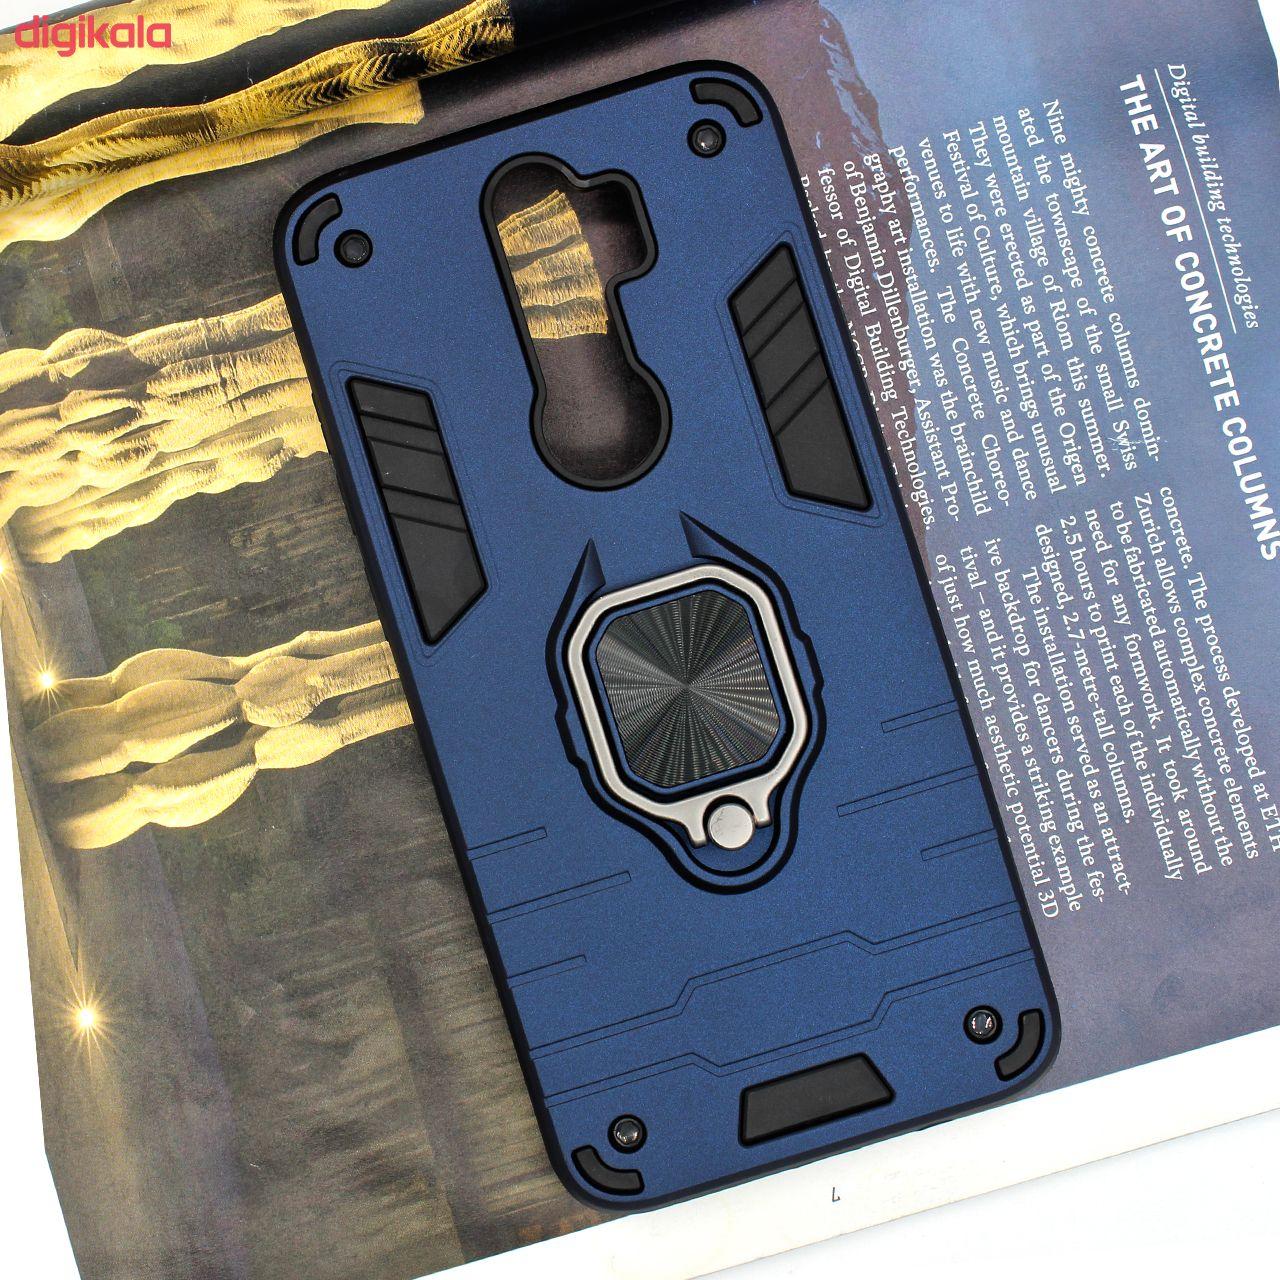 کاور کینگ پاور مدل ASH22 مناسب برای گوشی موبایل شیائومی Redmi Note 8 Pro main 1 10